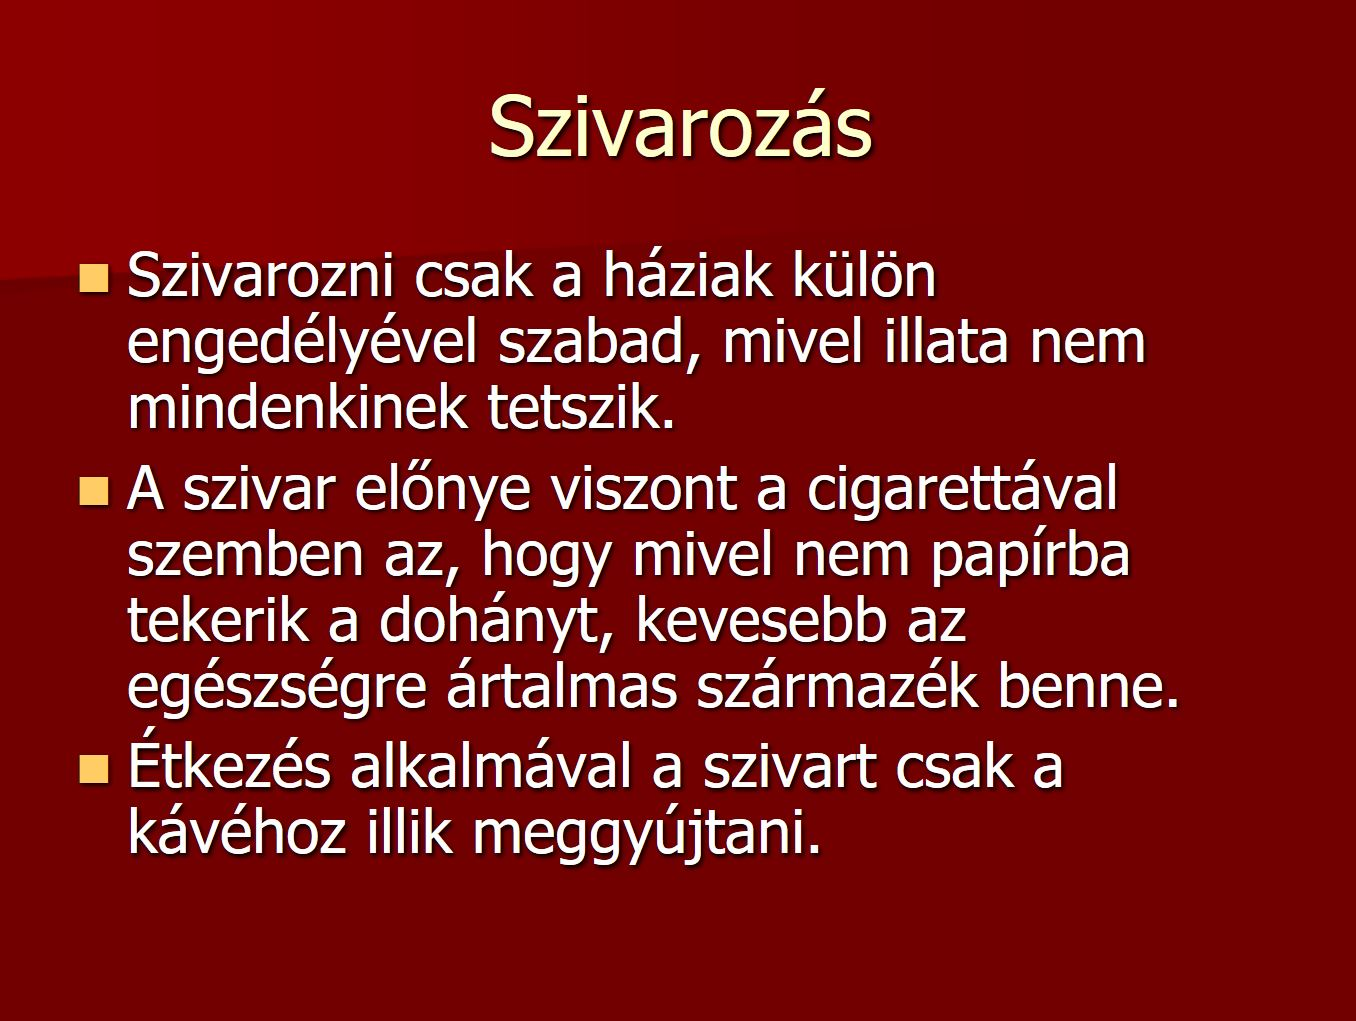 szivar_etikett_dohanyzas_illemtana_szivarozas_8.JPG